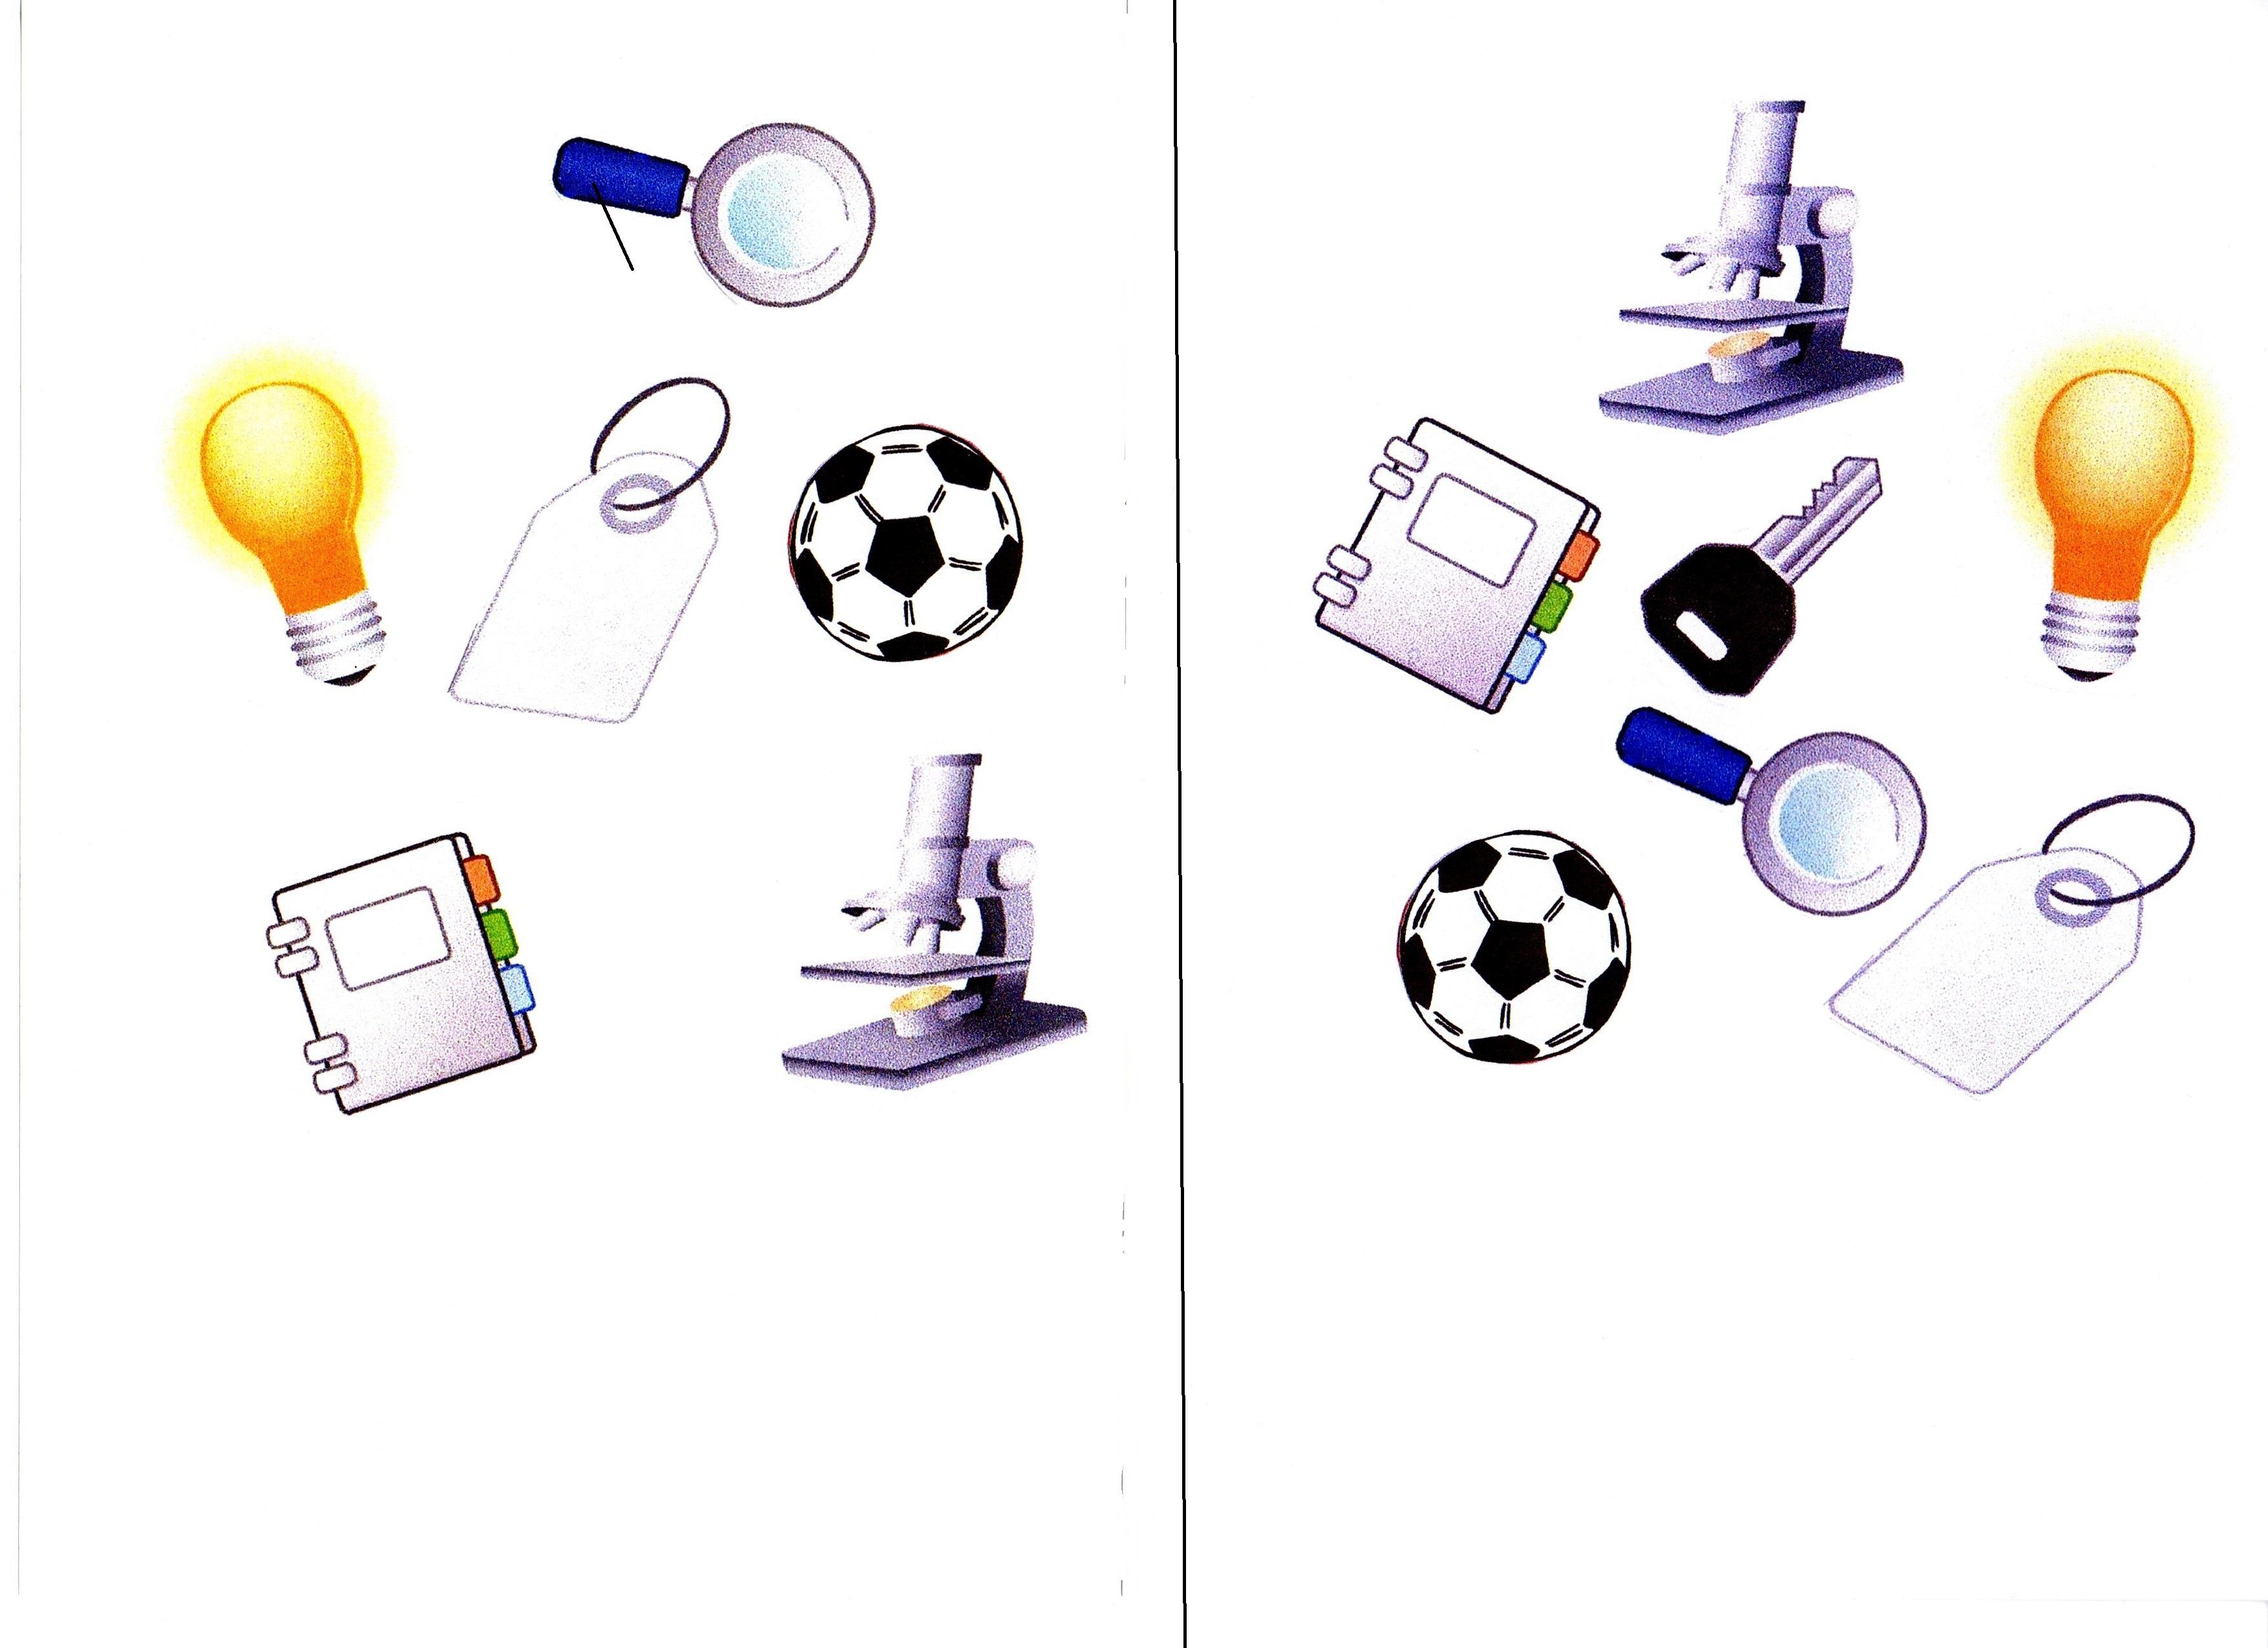 Jeux de m moire imprimer travailler sa m moire visuelle m moire au service de la vie - Jeux memoire a imprimer ...